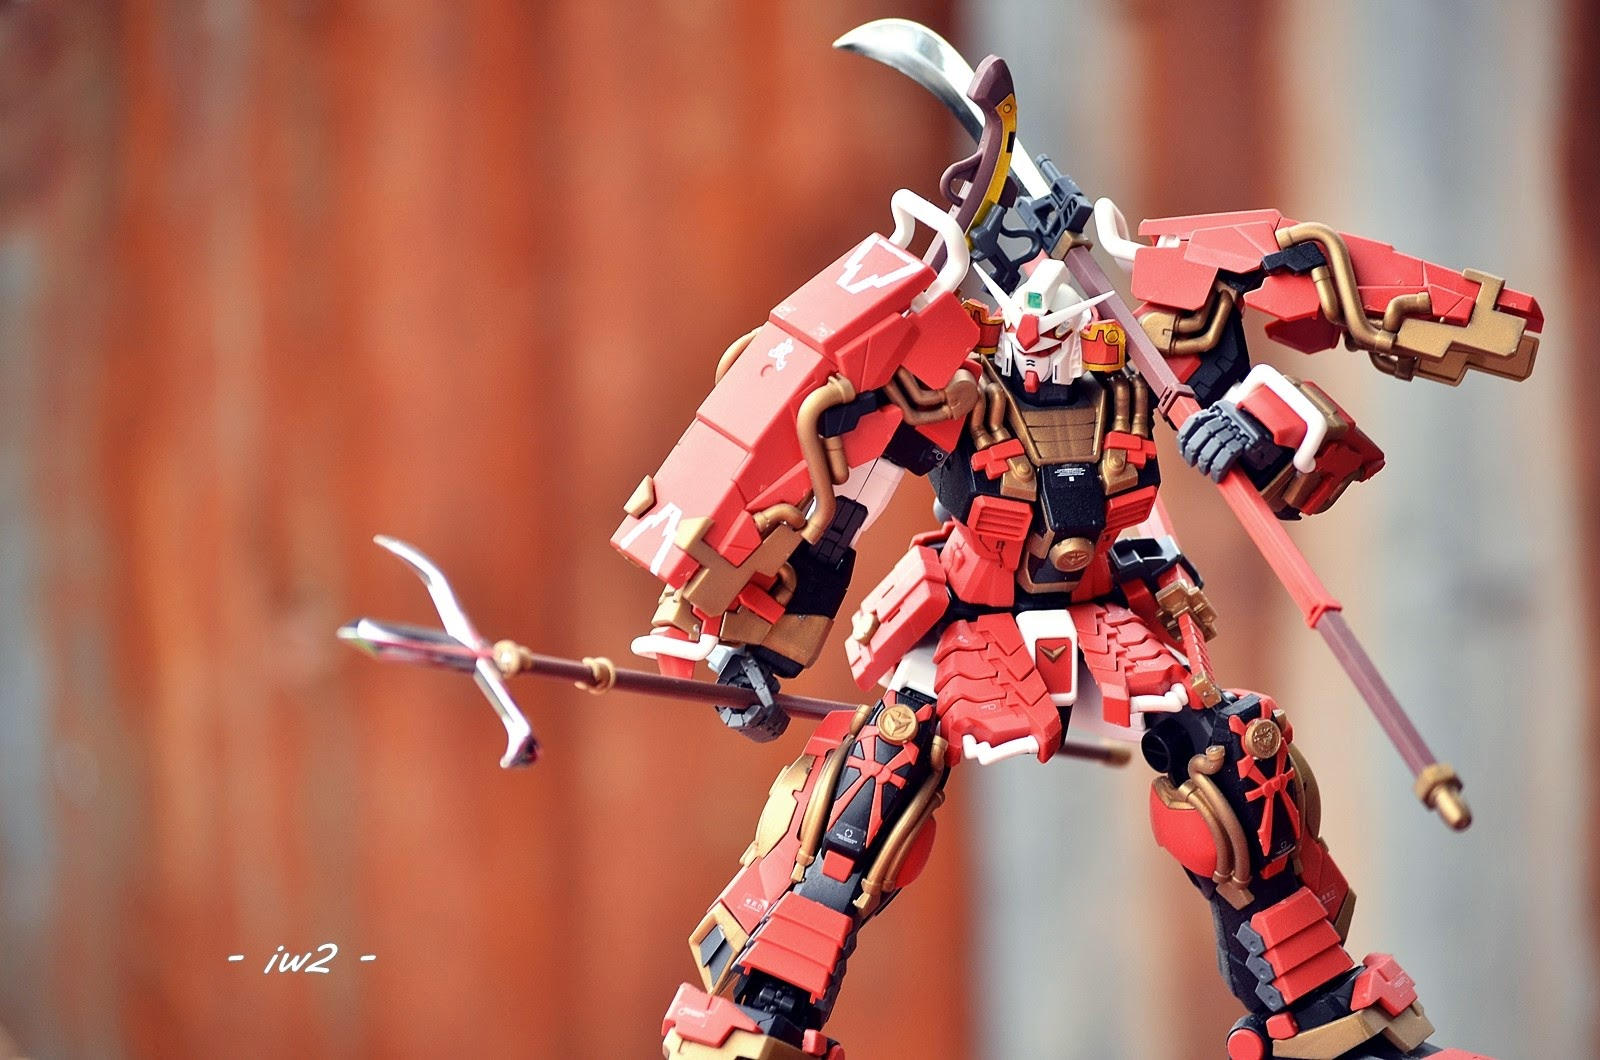 Master Grade Gundam Models